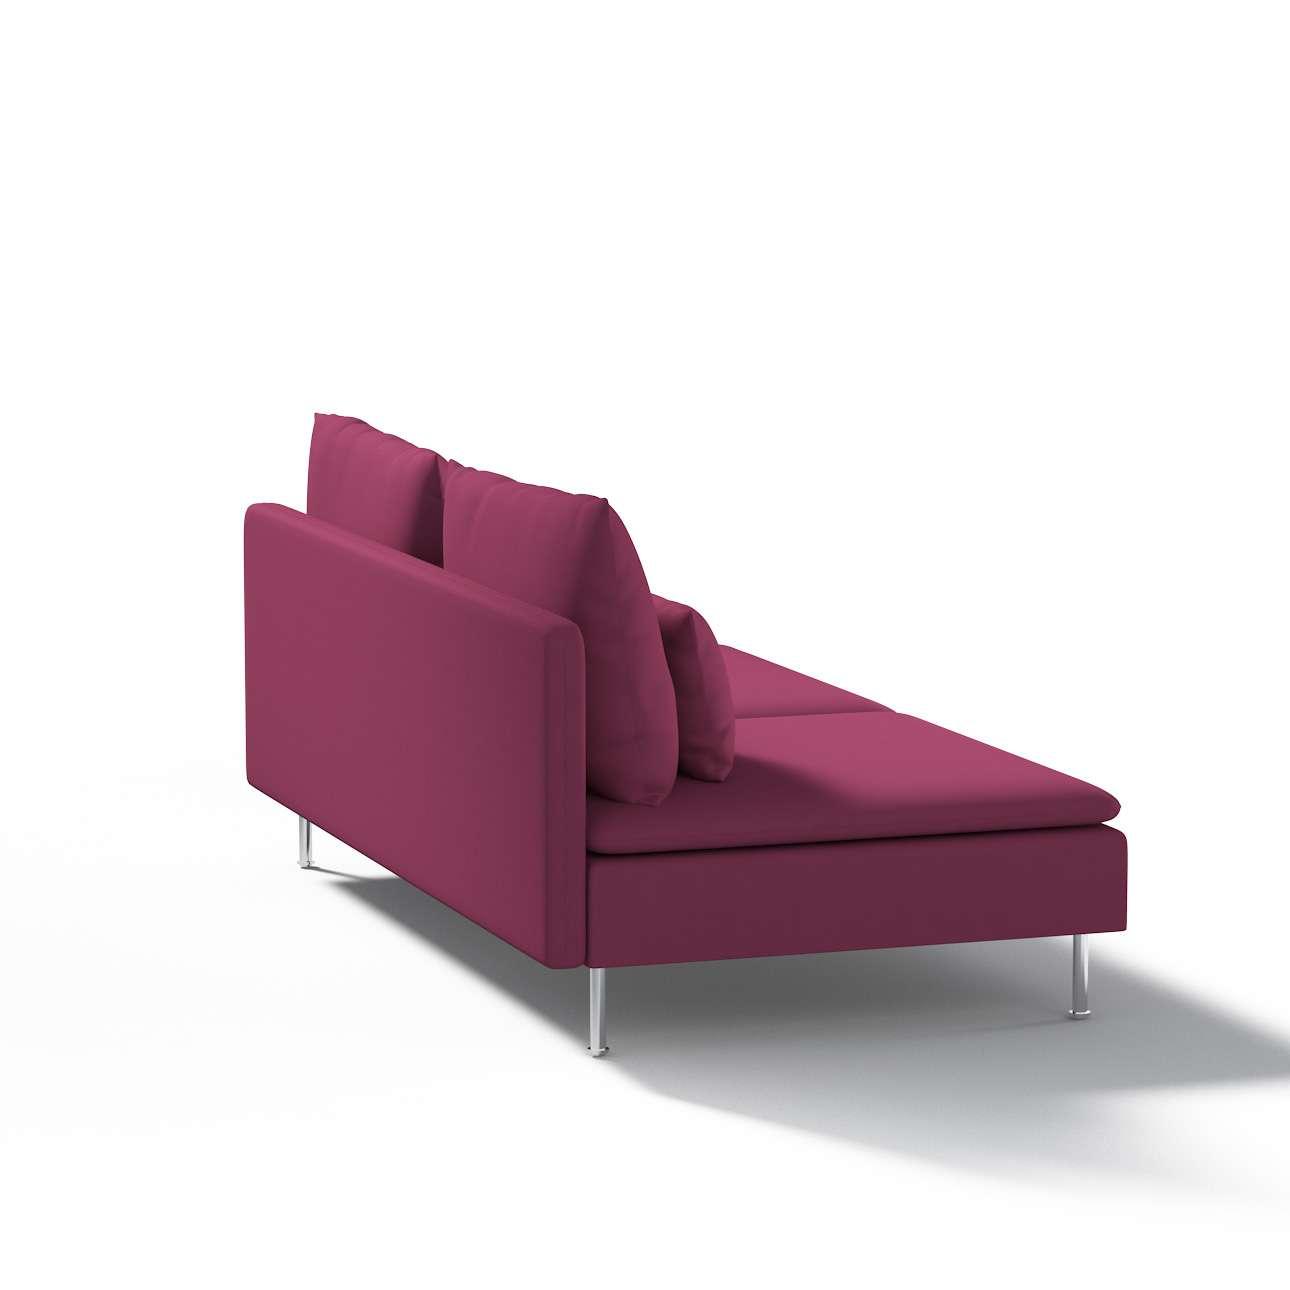 Söderhamn Bezug für Sitzelement 3 von der Kollektion Cotton Panama, Stoff: 702-32